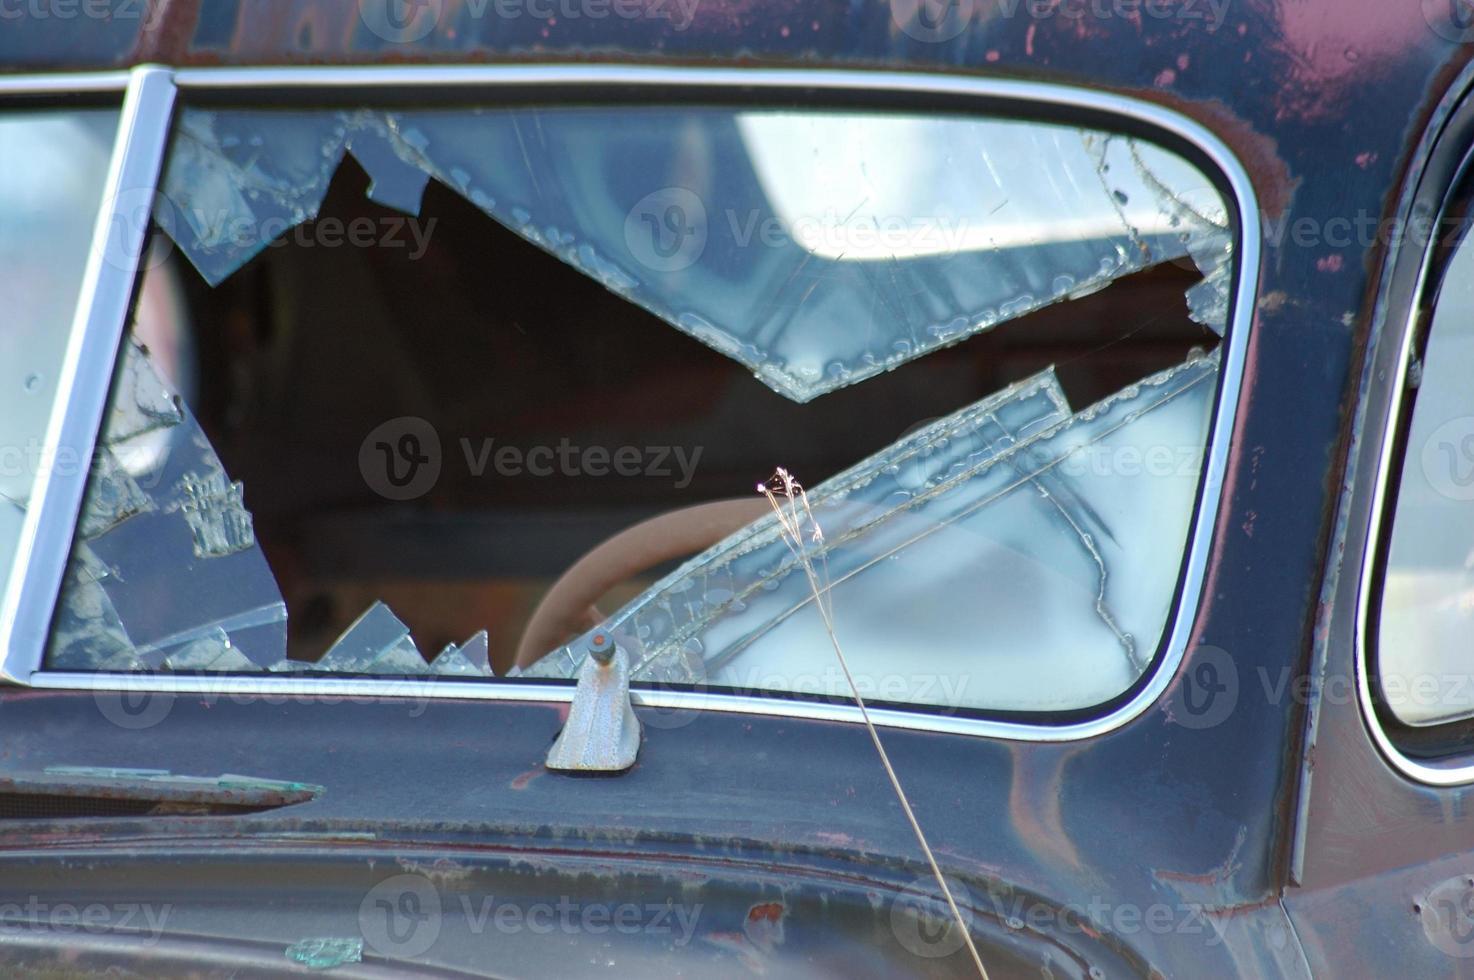 accidente de coche clásico - ventana rota foto